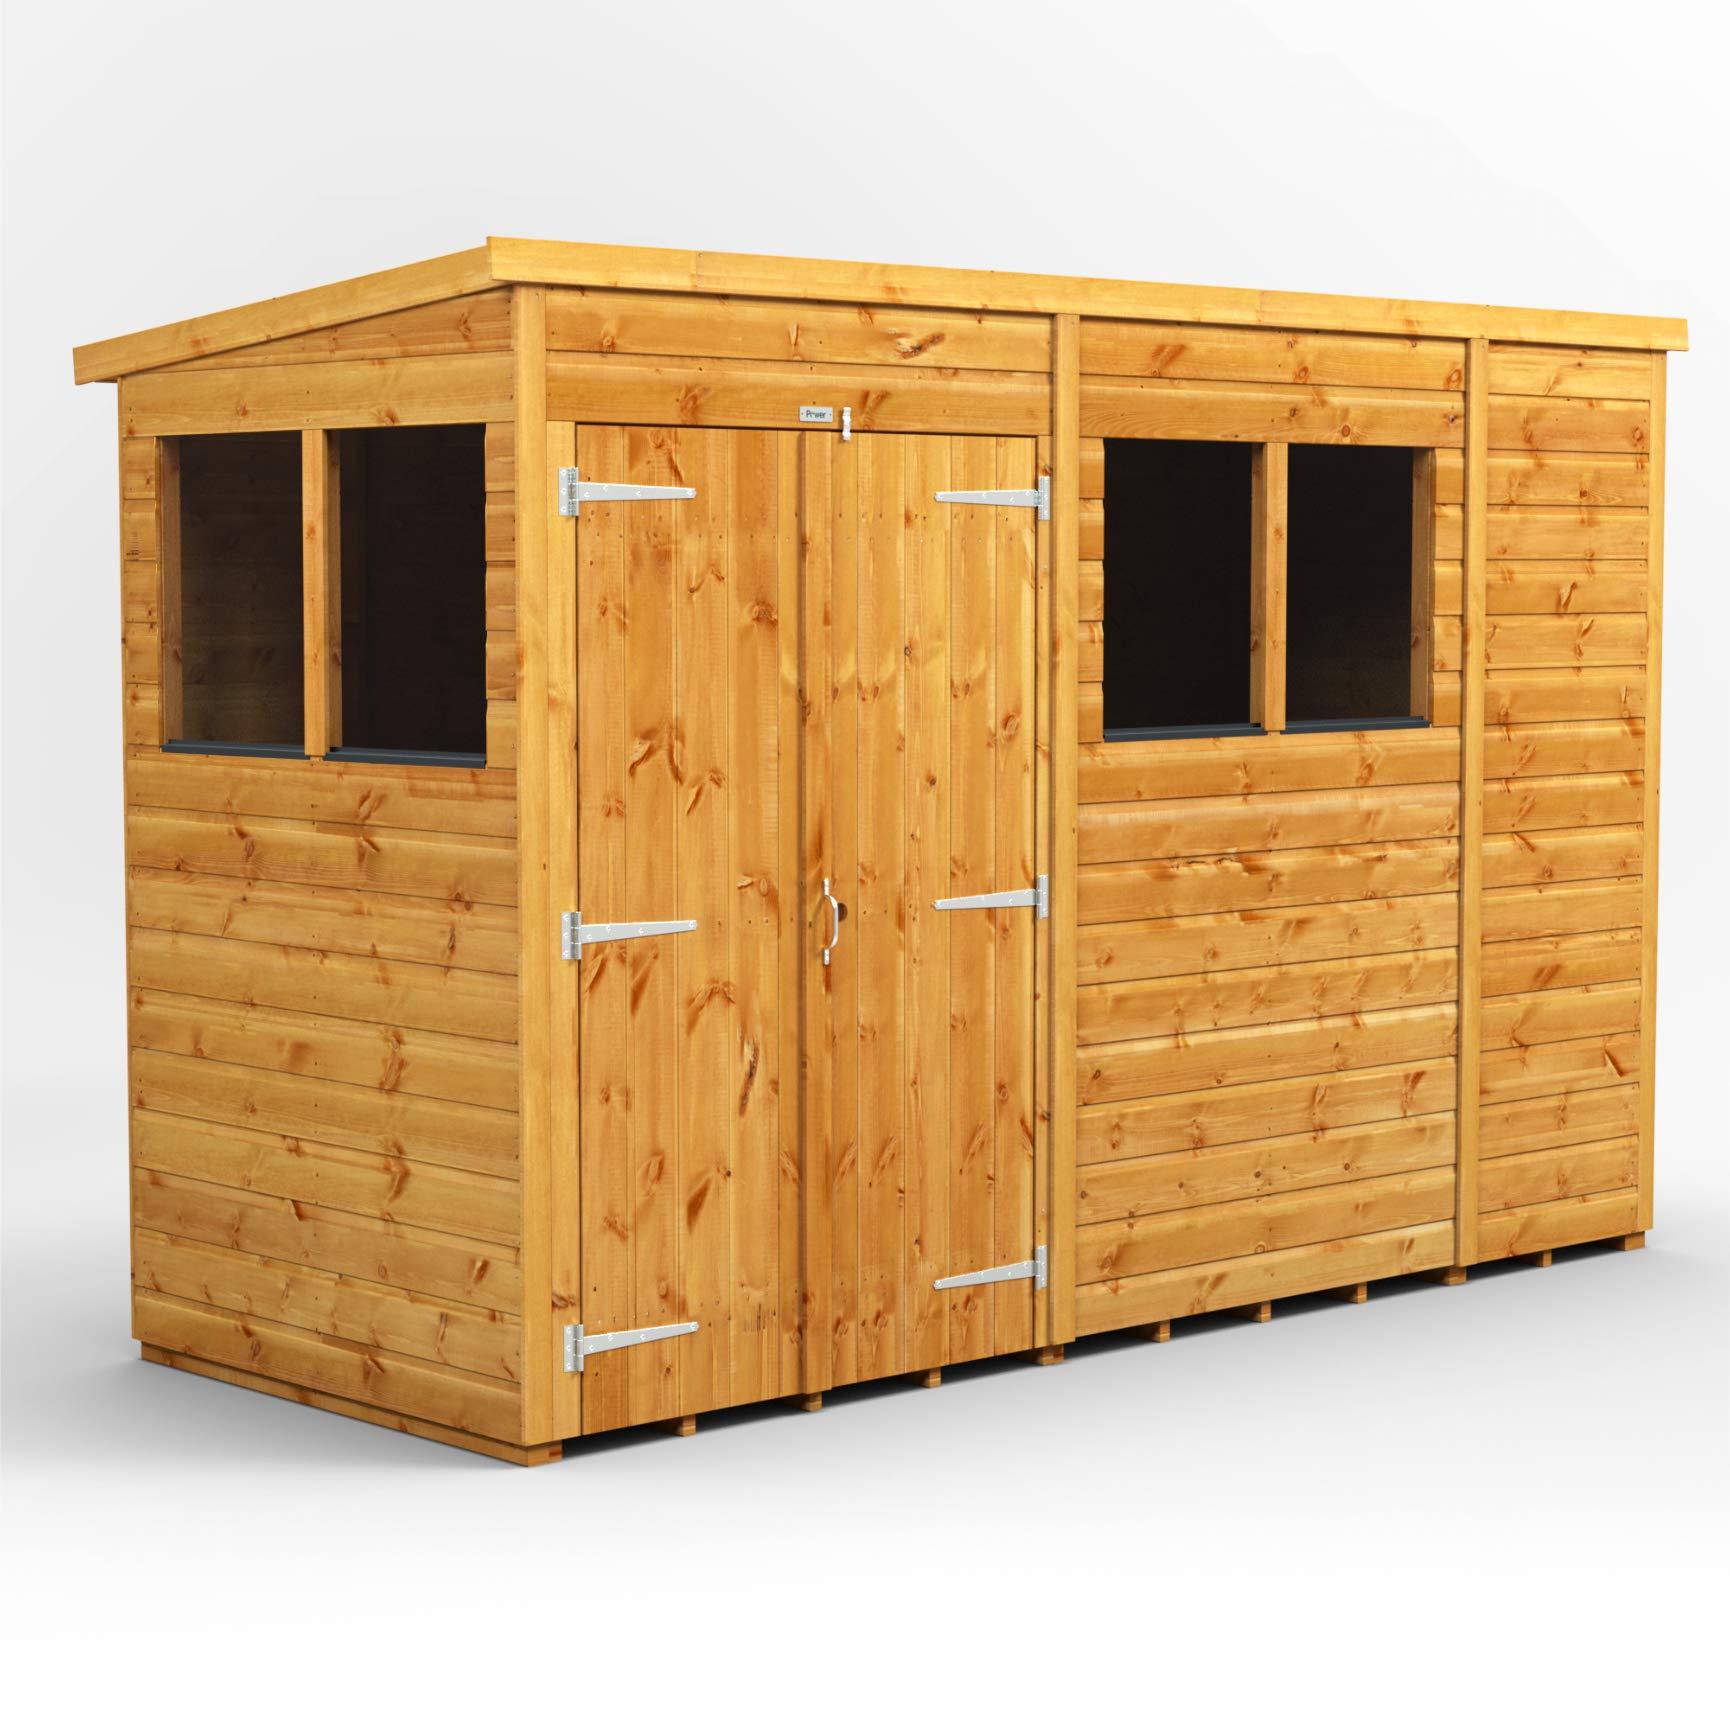 POWER Cobertizo de Madera para jardín de Doble Puerta de 10 x 4 Pulgadas Sheds: Amazon.es: Jardín